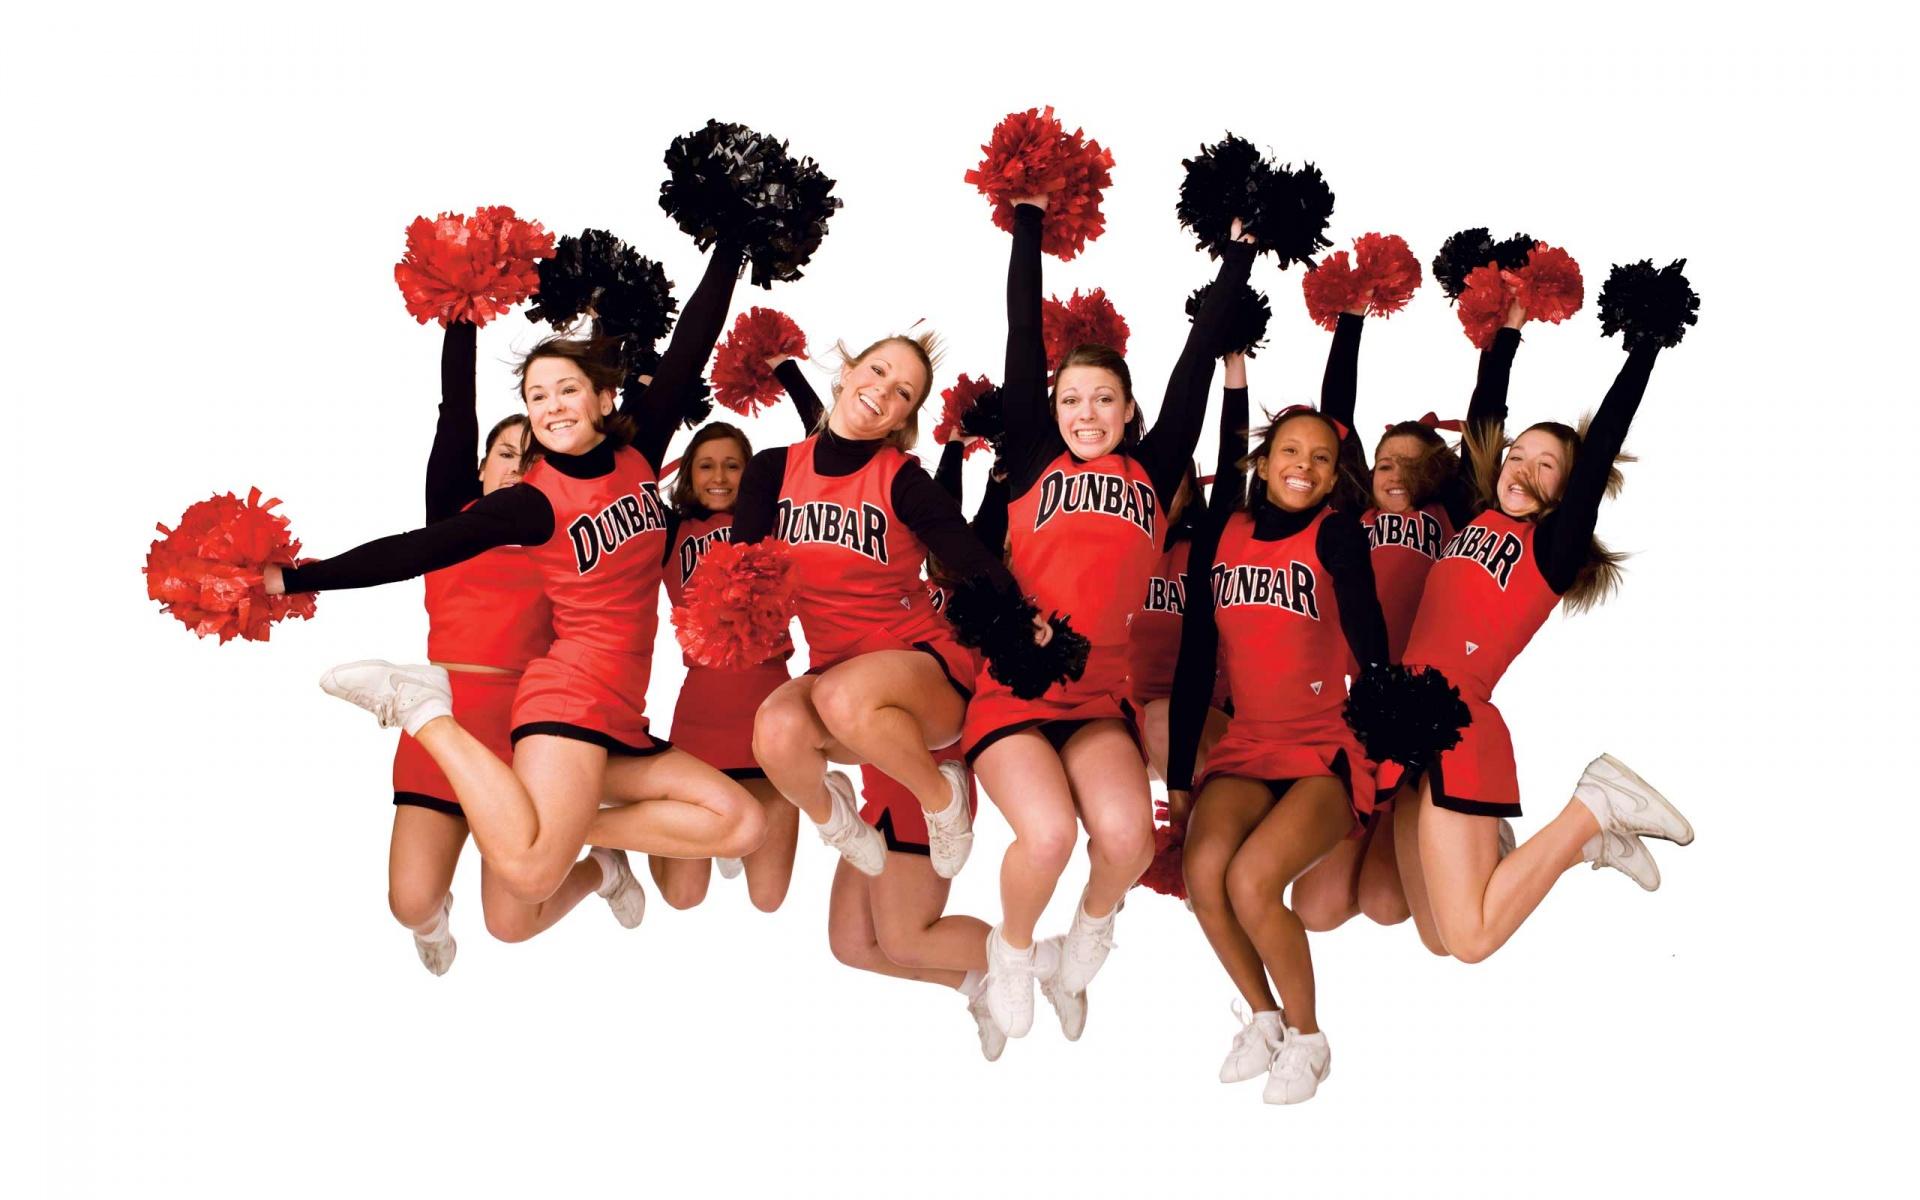 nfl cheerleader wallpapers